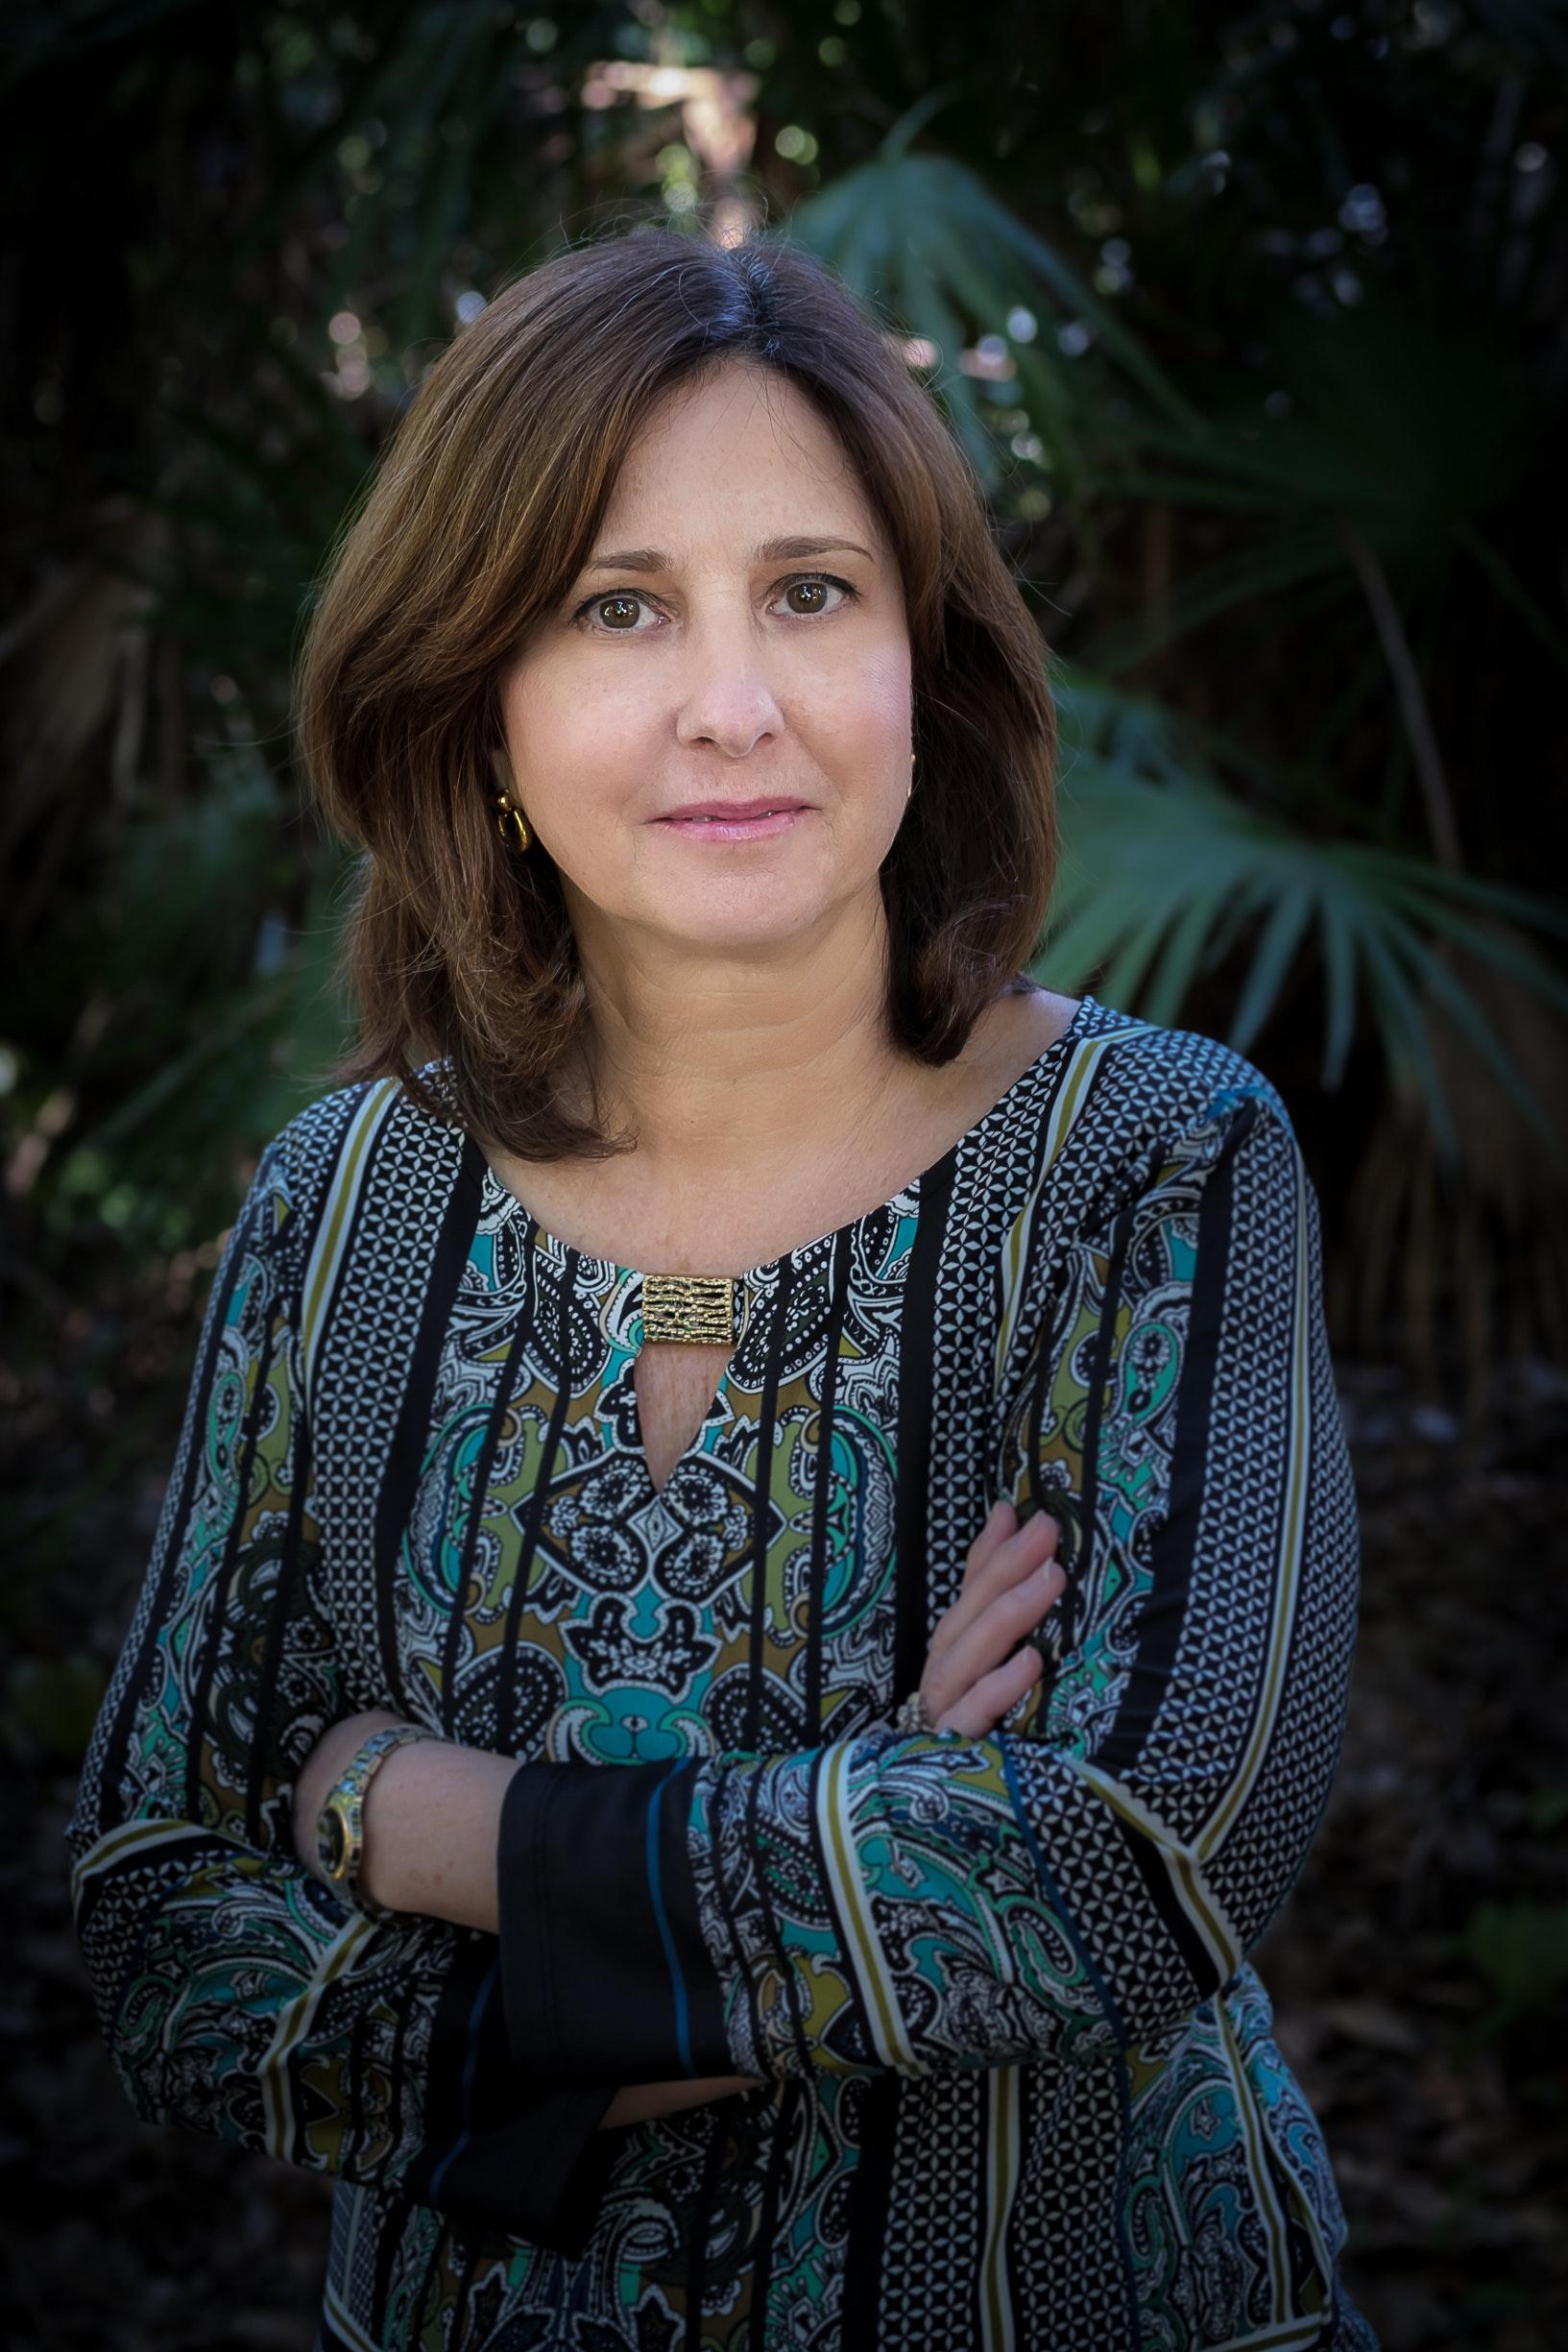 Paula Mapp